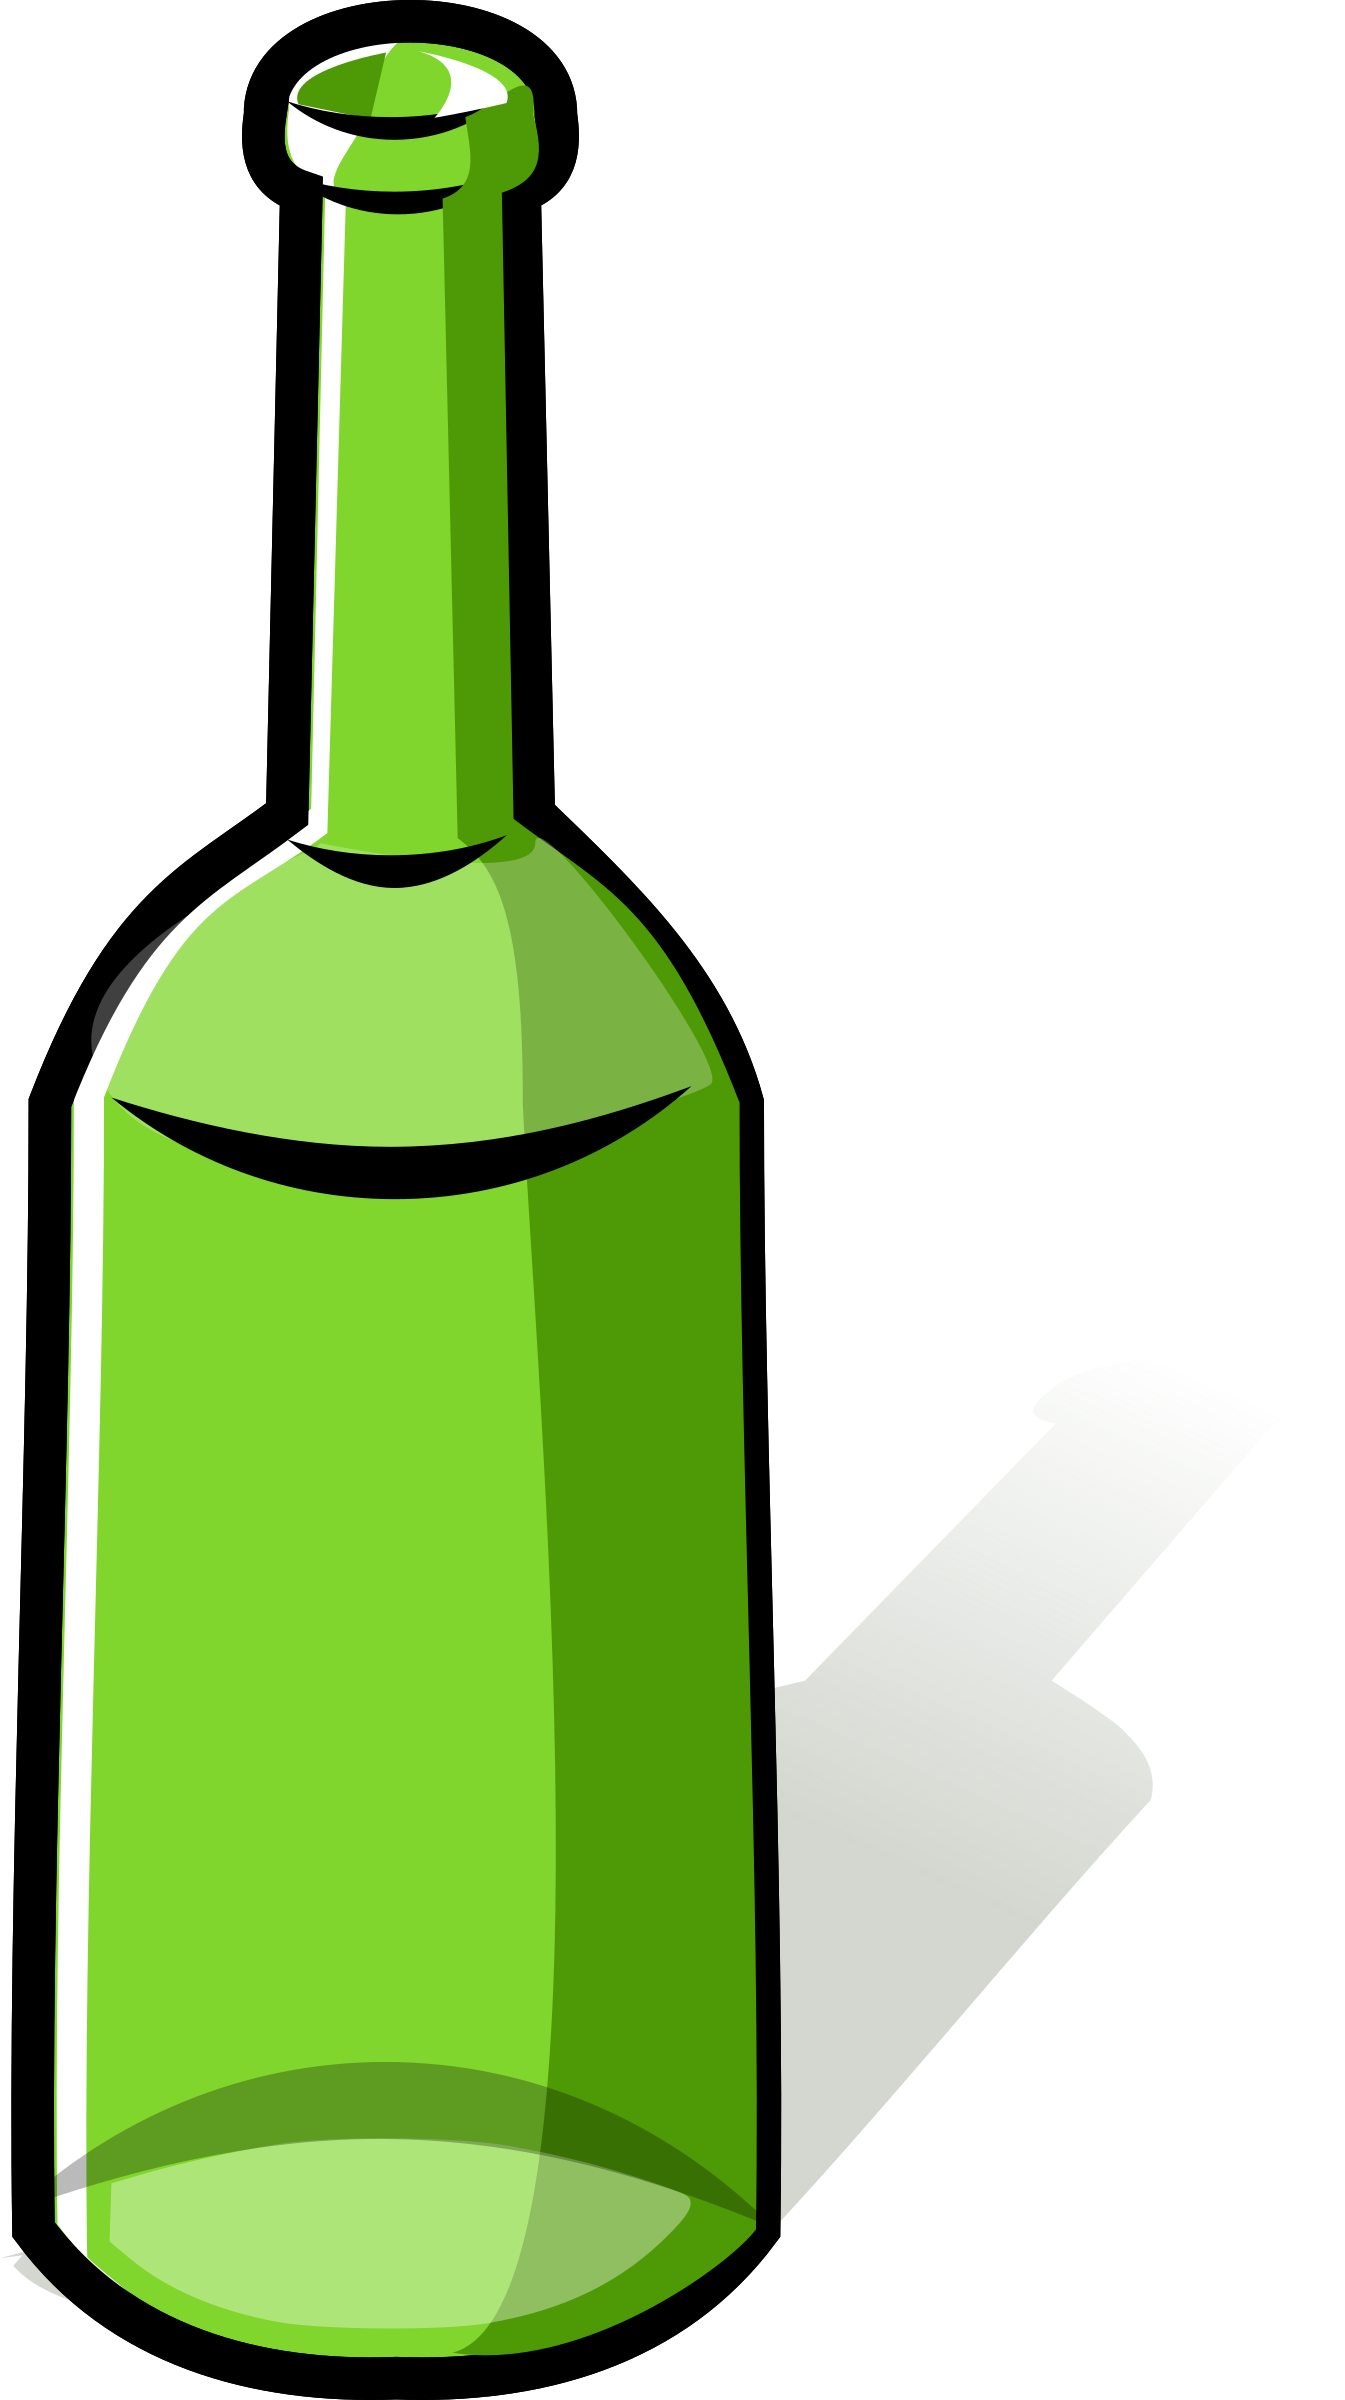 Drink clipart bottled drink. Green bottle big image